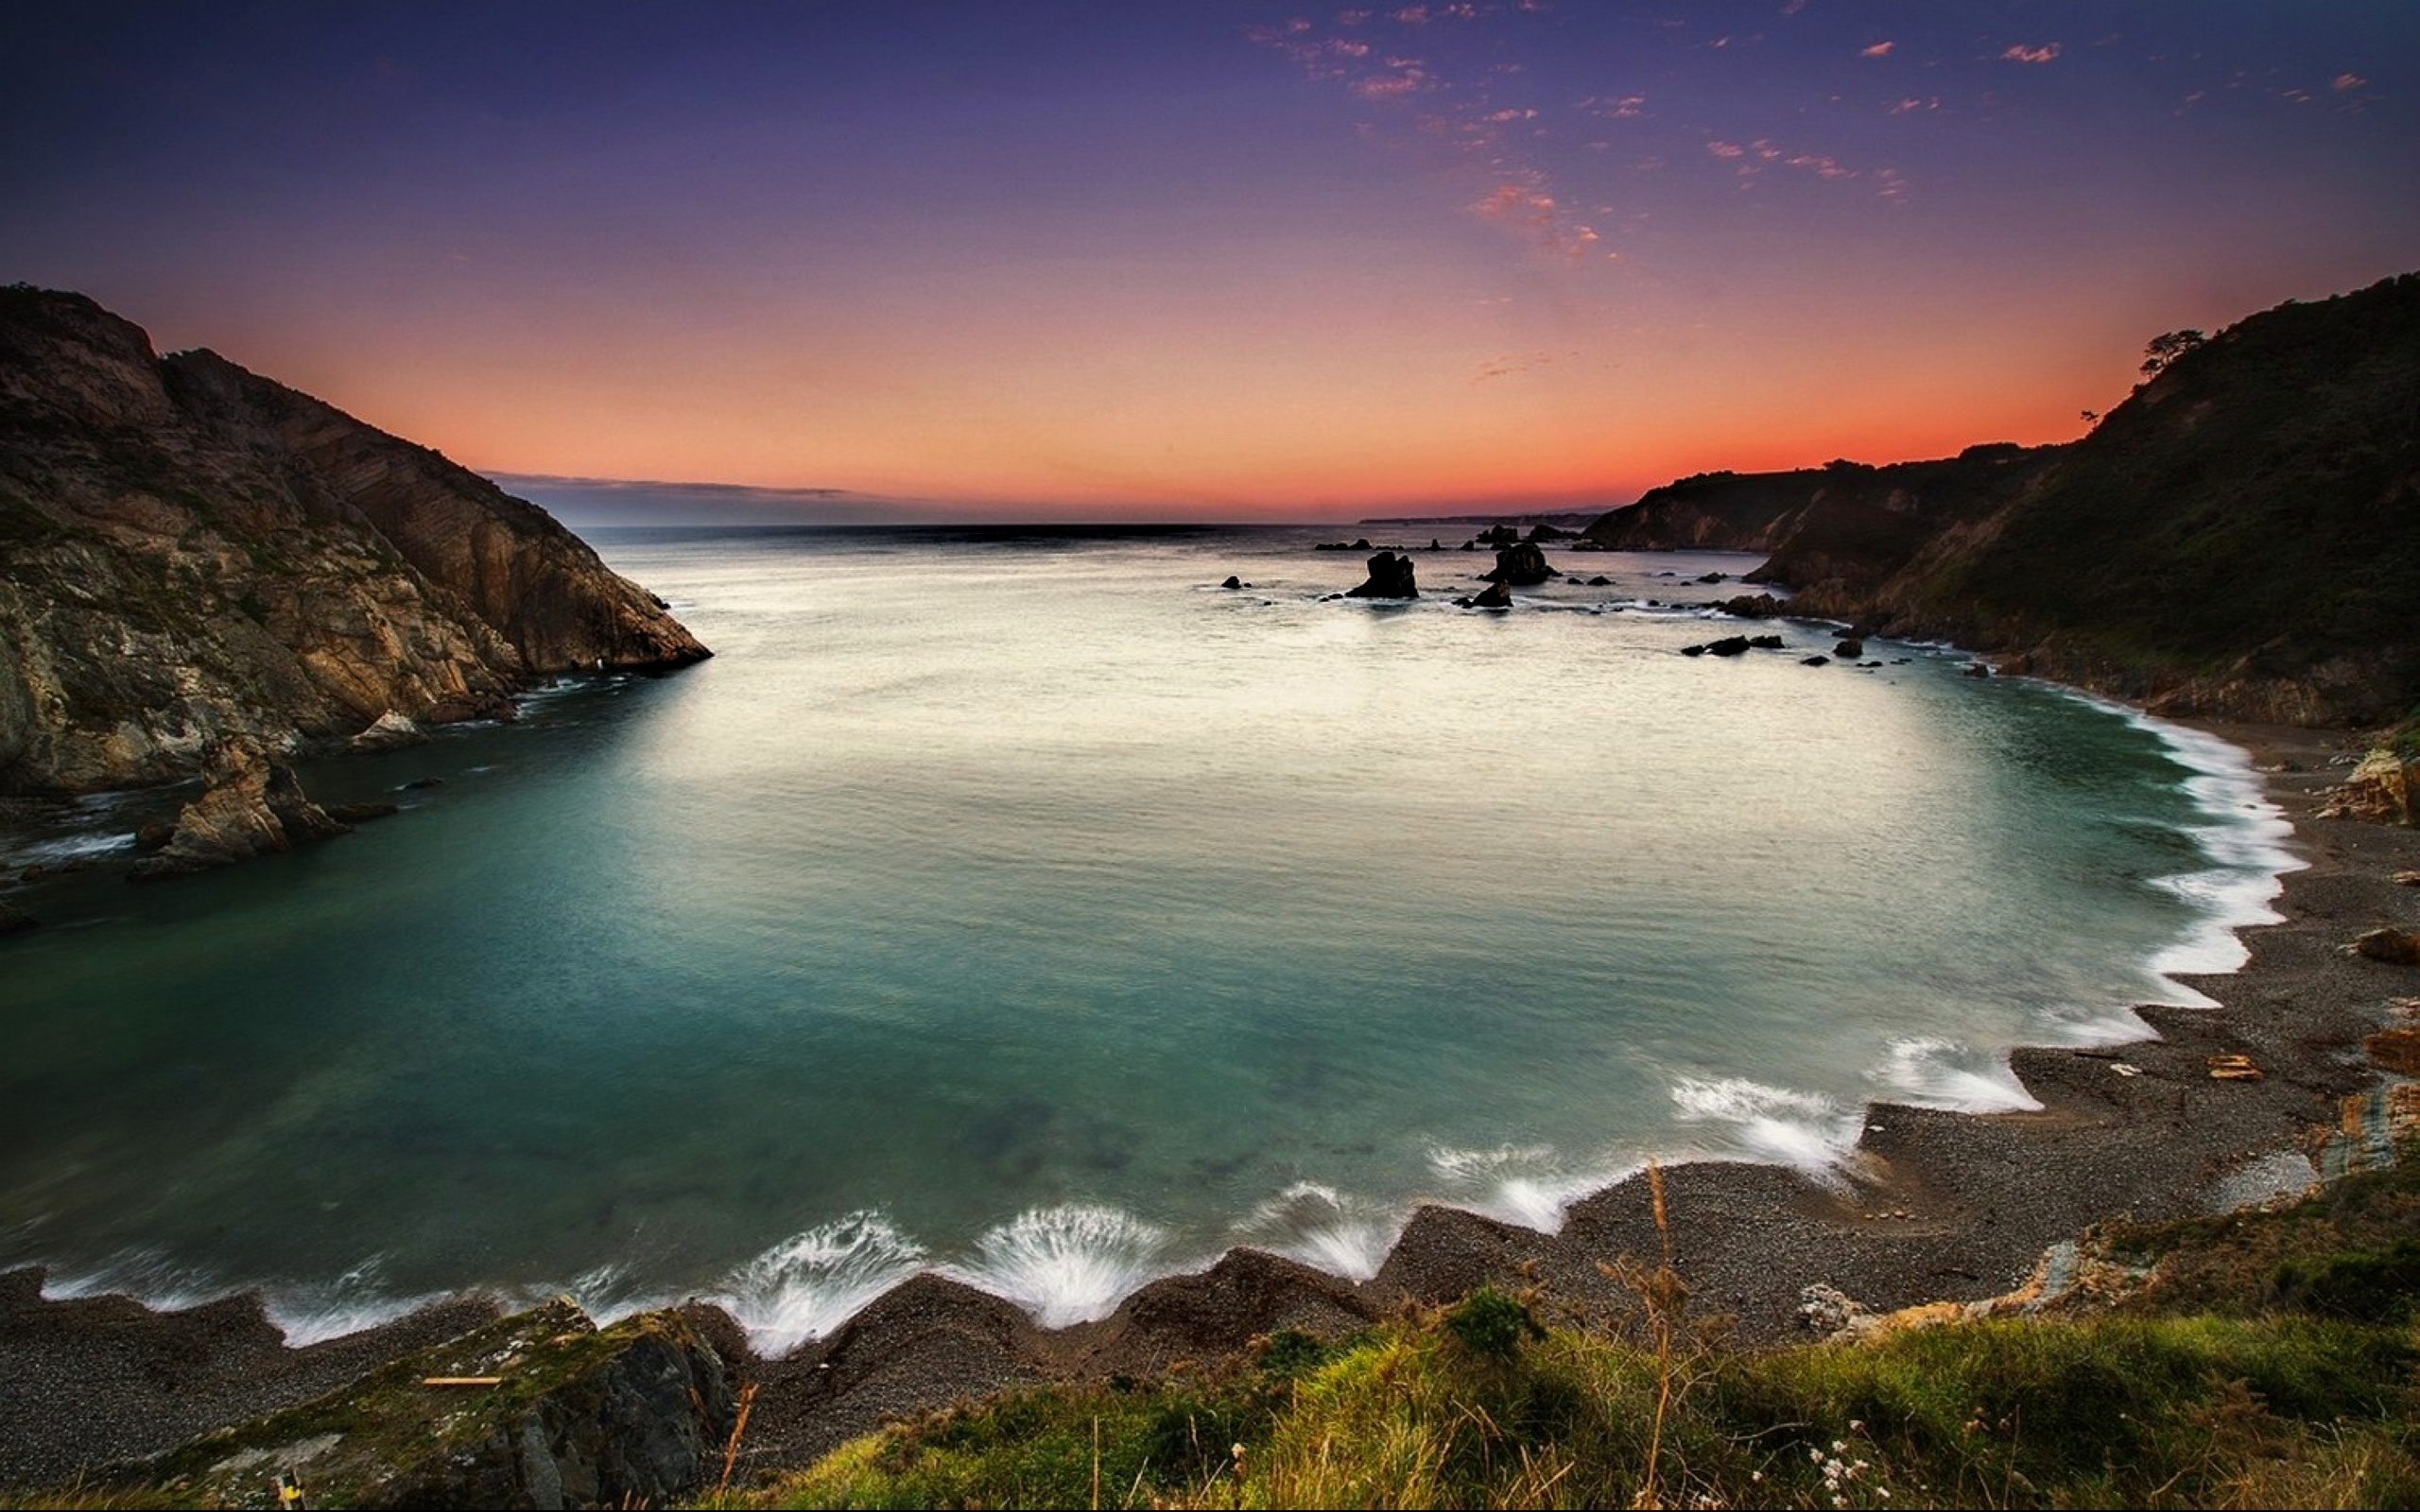 всасывалась фото пейзажи морские бухты услугам отдыхающих